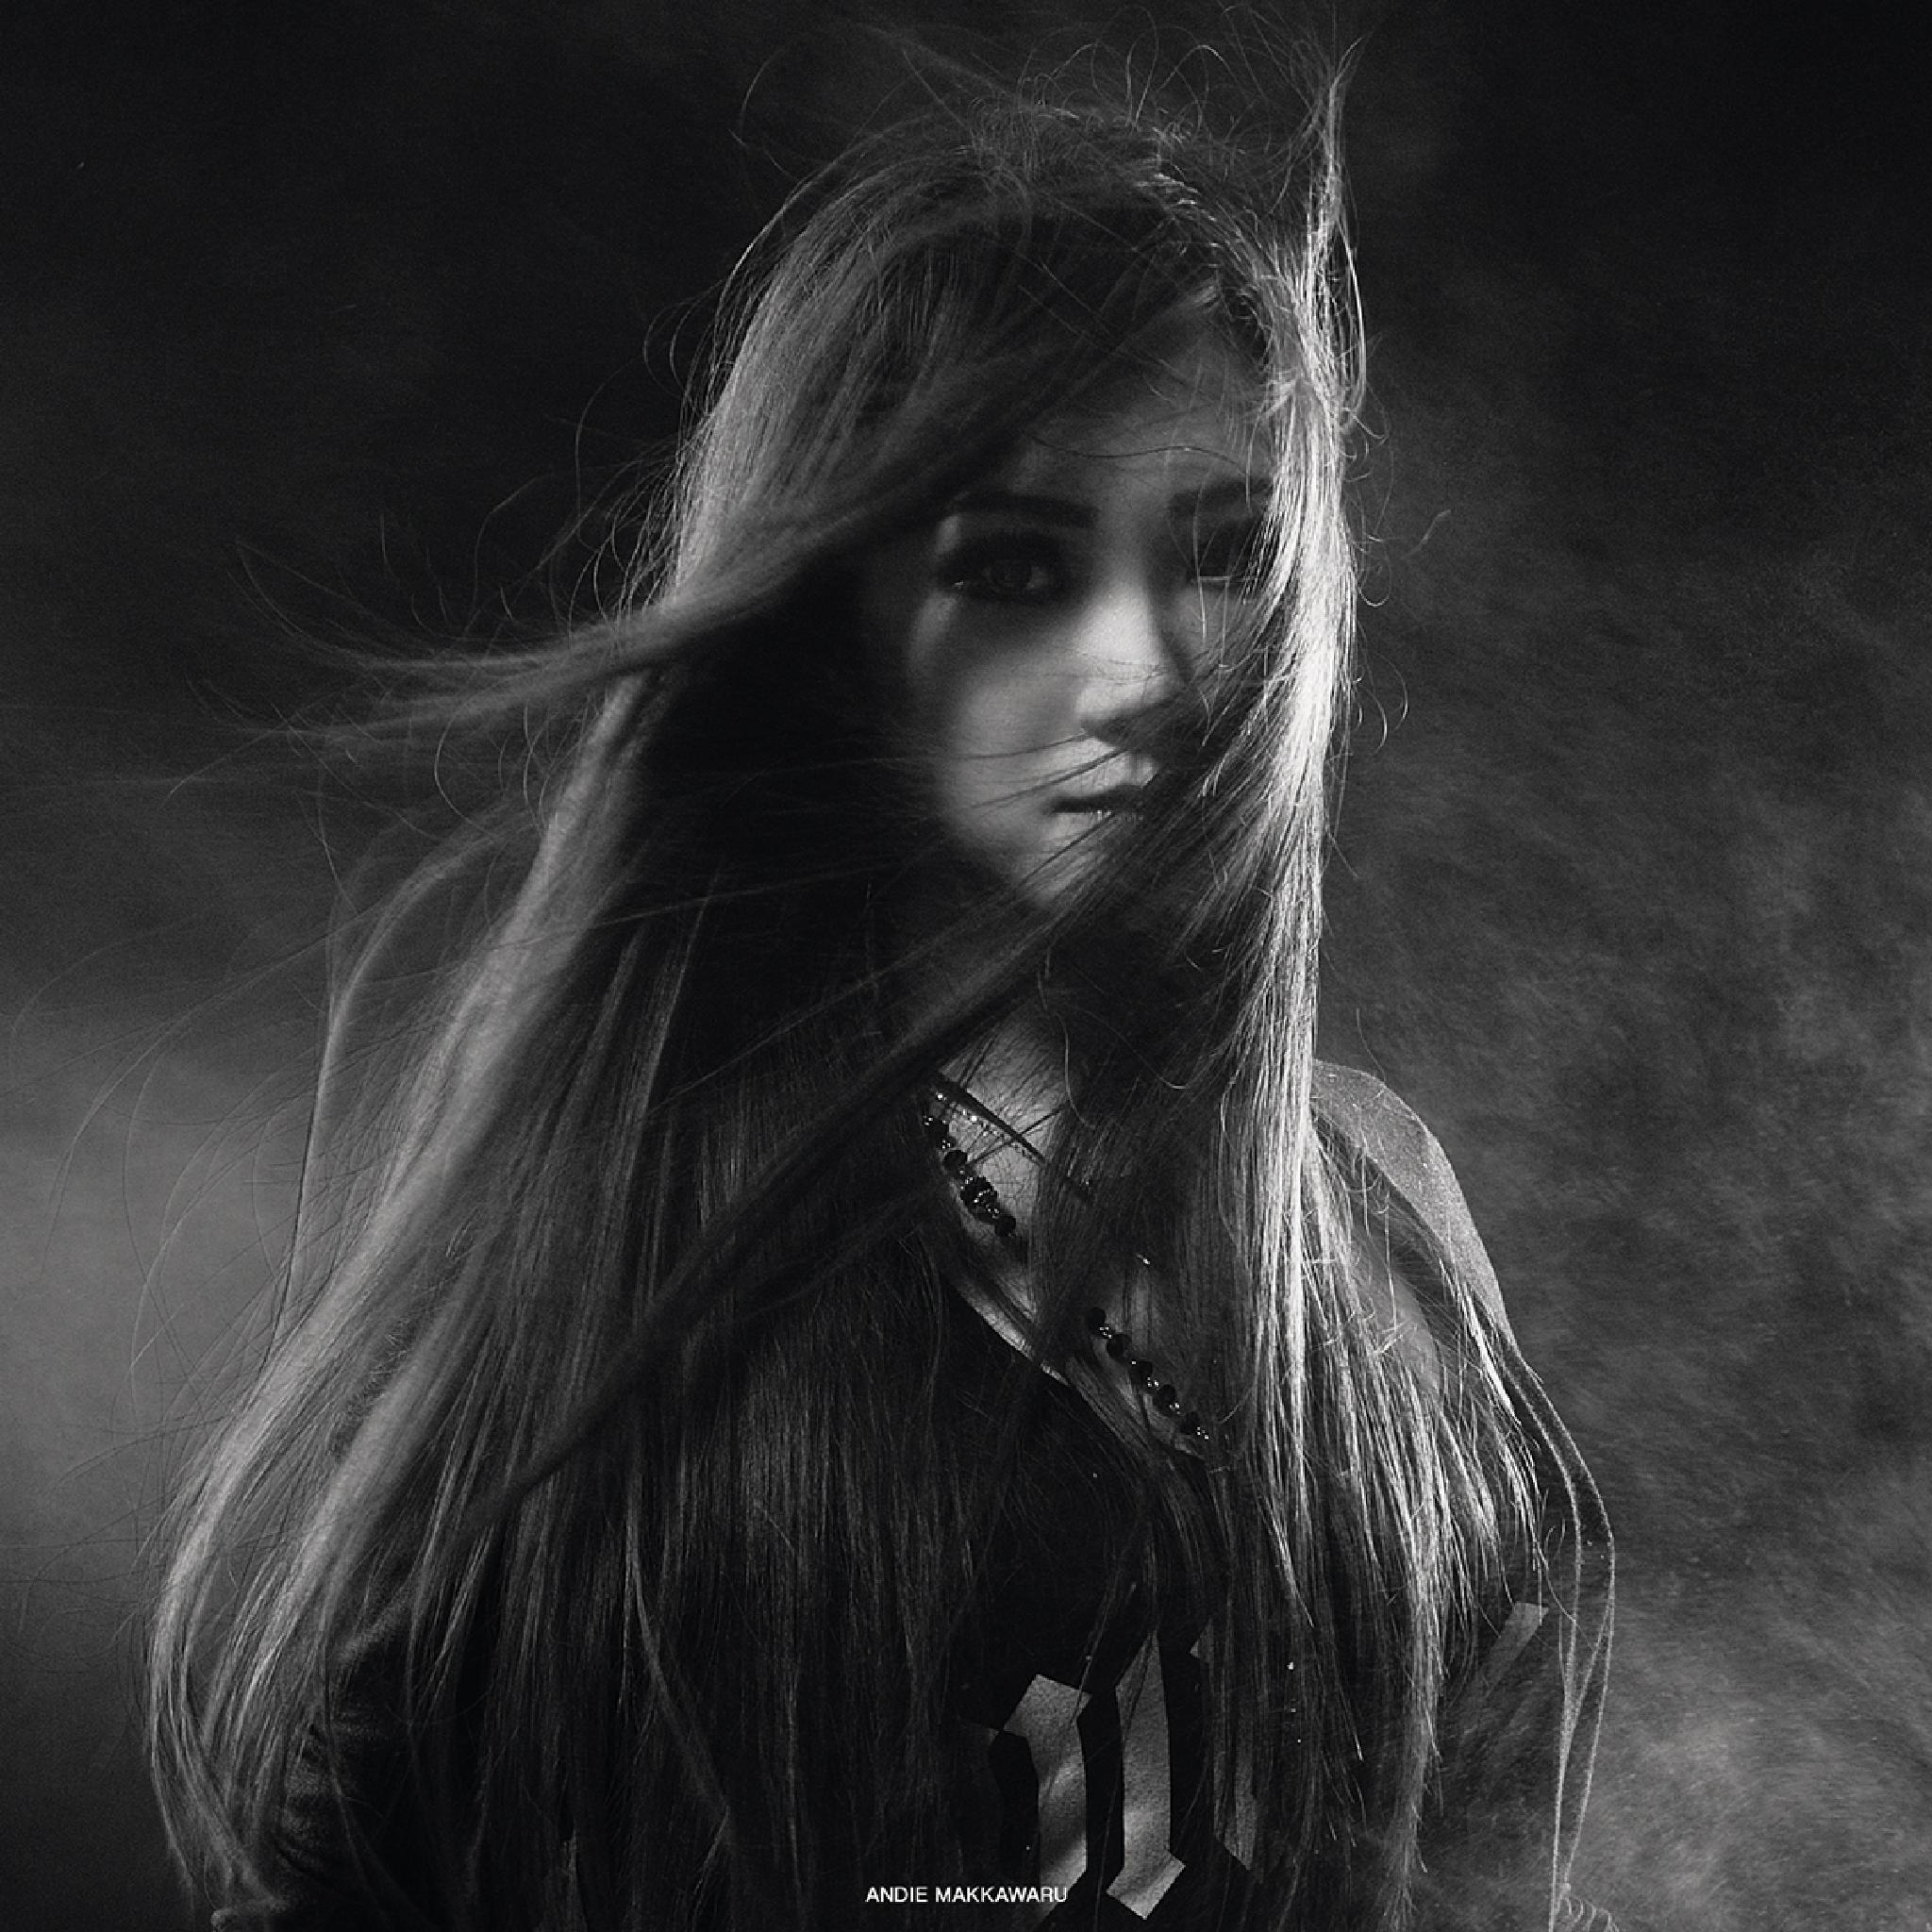 p h e r e n by Andie Makkawaru